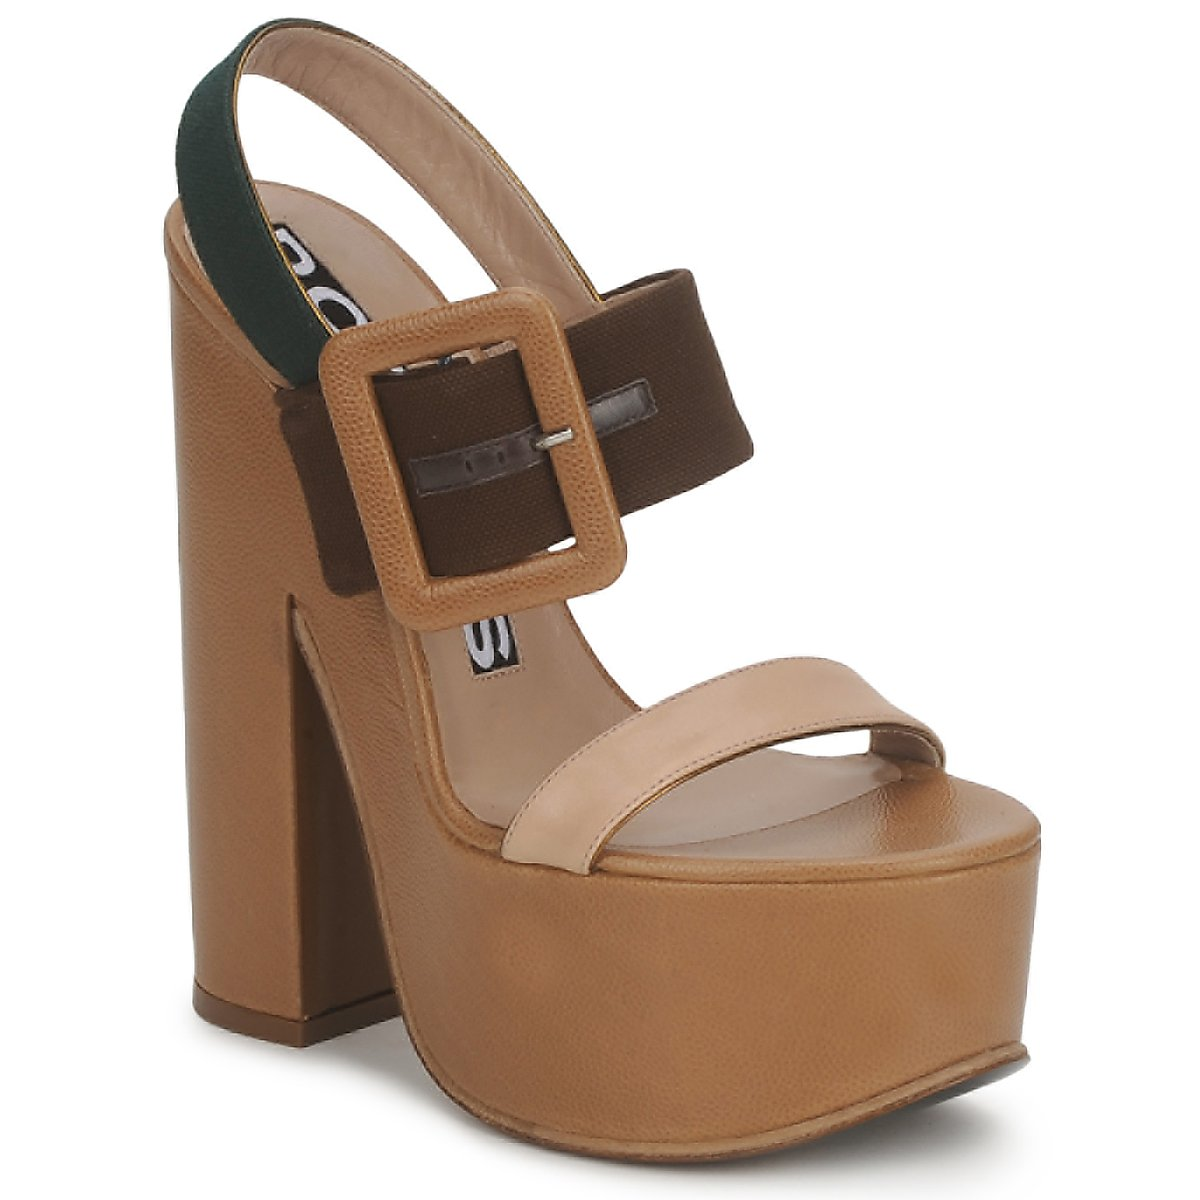 Rochas RO18231 Braun / Beige - Kostenloser Versand bei Spartoode ! - Schuhe Sandalen / Sandaletten Damen 269,50 €